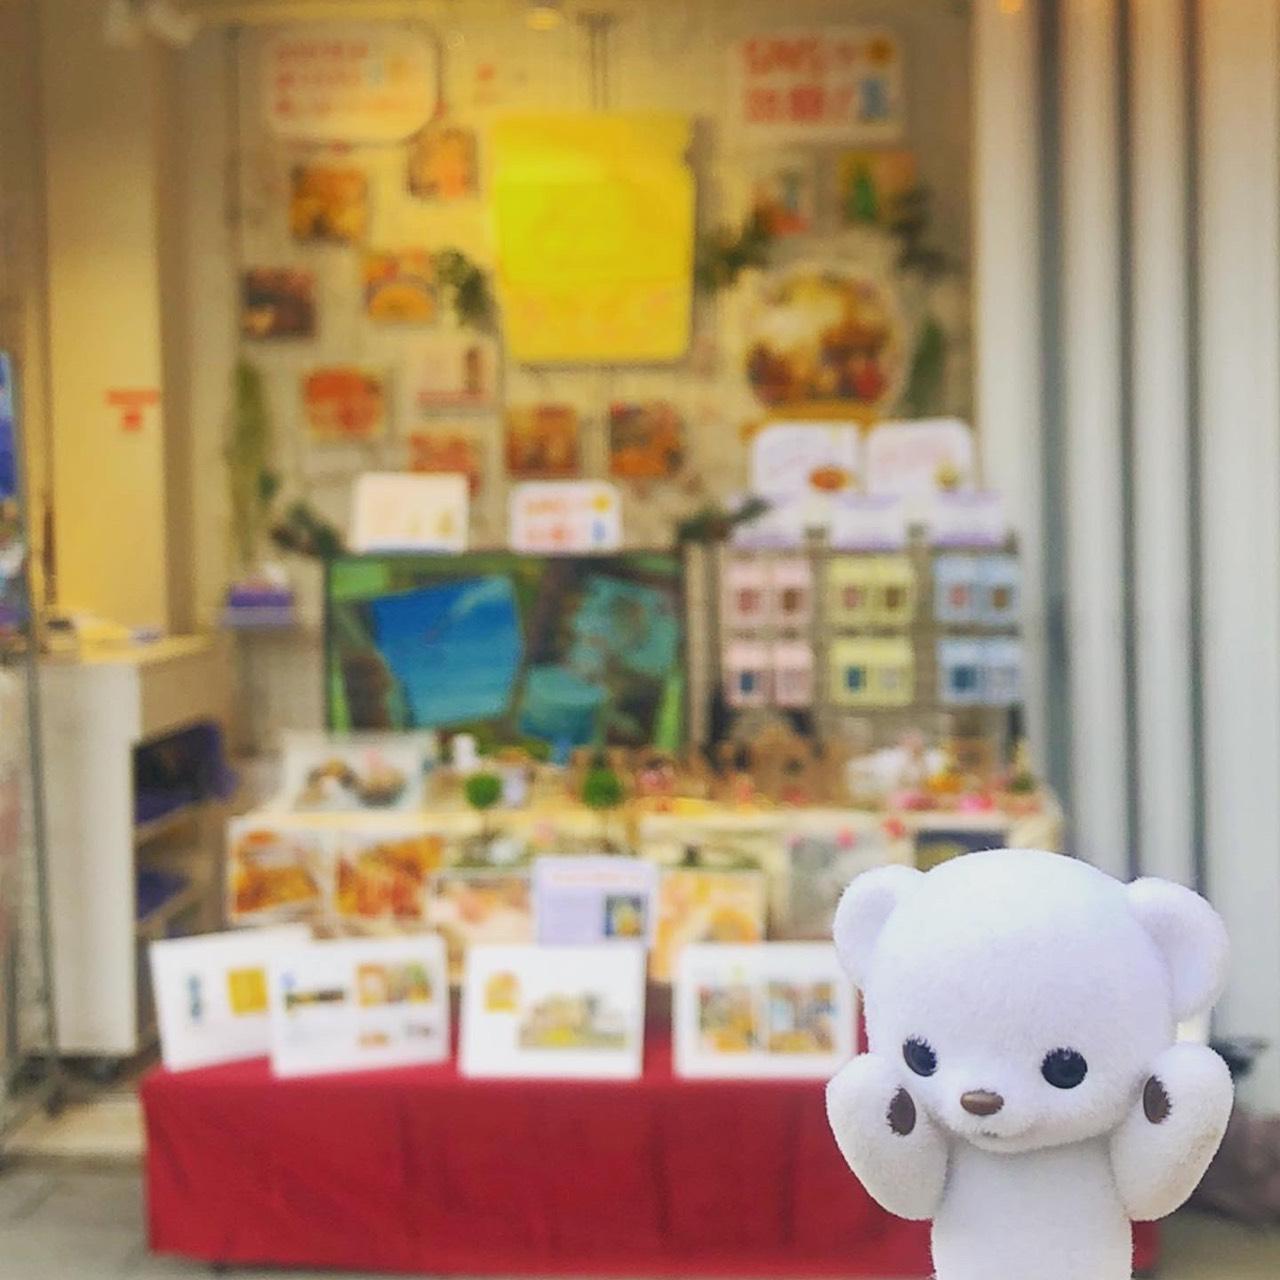 博品館TOY PARK銀座本店売り場リニューアル!のイメージ画像